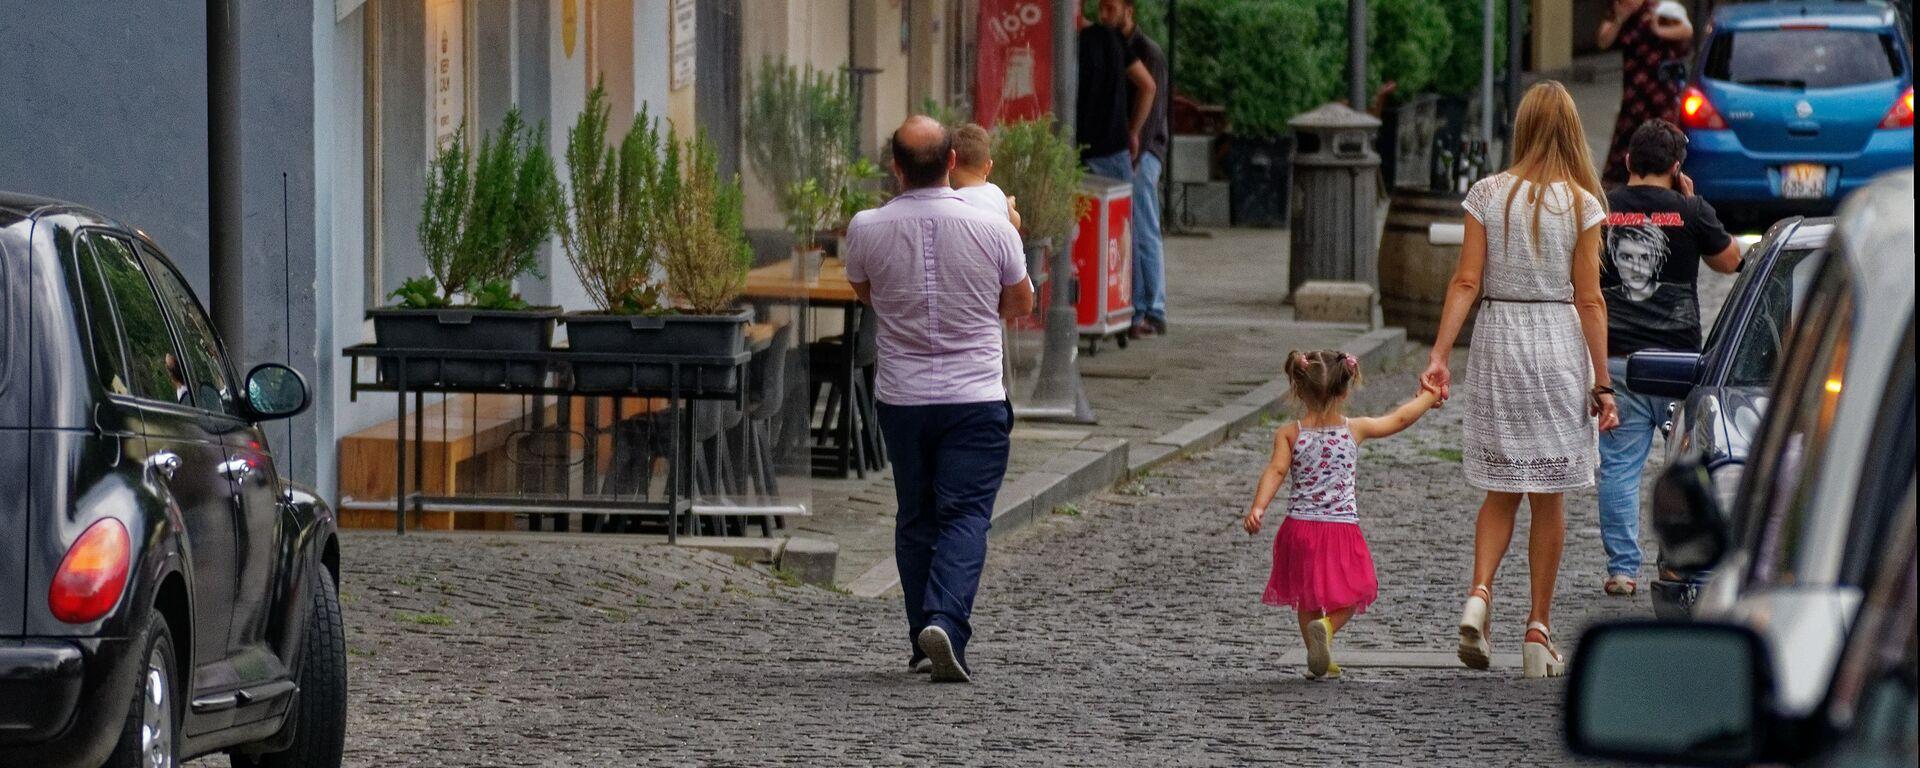 Семья с детьми гуляет по старому городу в центре Тбилиси - Sputnik Грузия, 1920, 29.08.2021